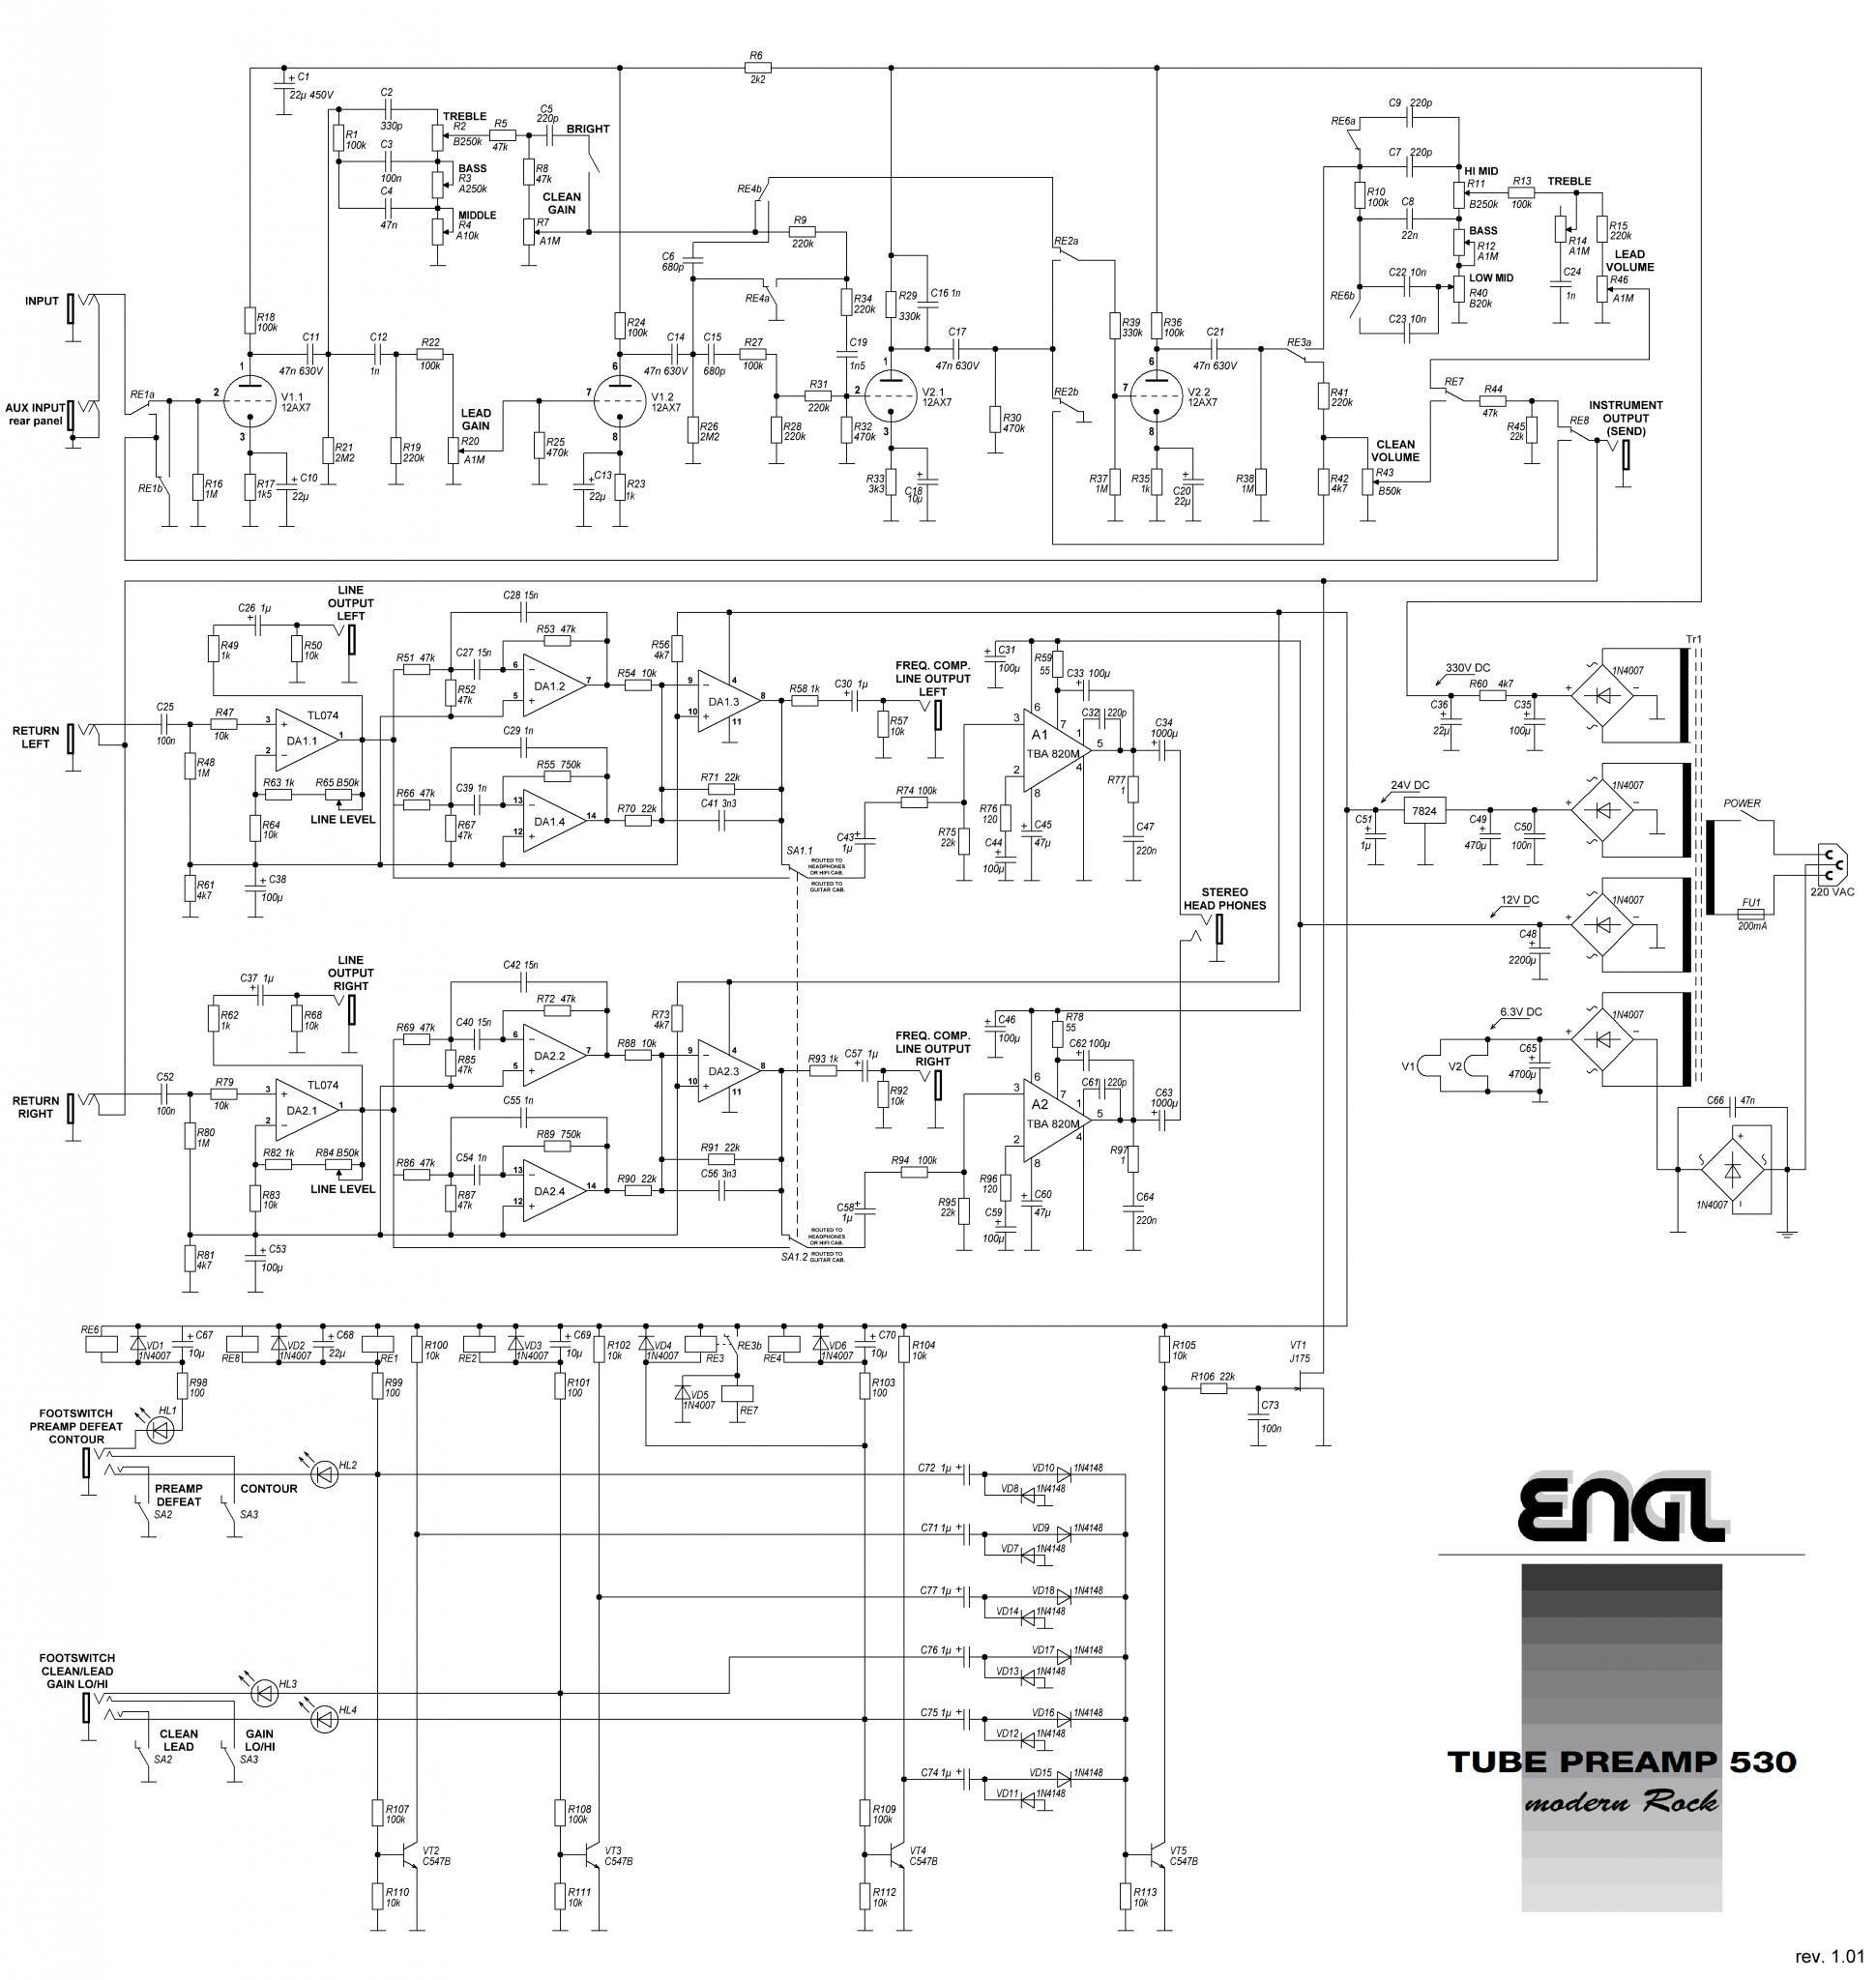 Guitar preamp e730. Гитарное оборудование каталог статей.